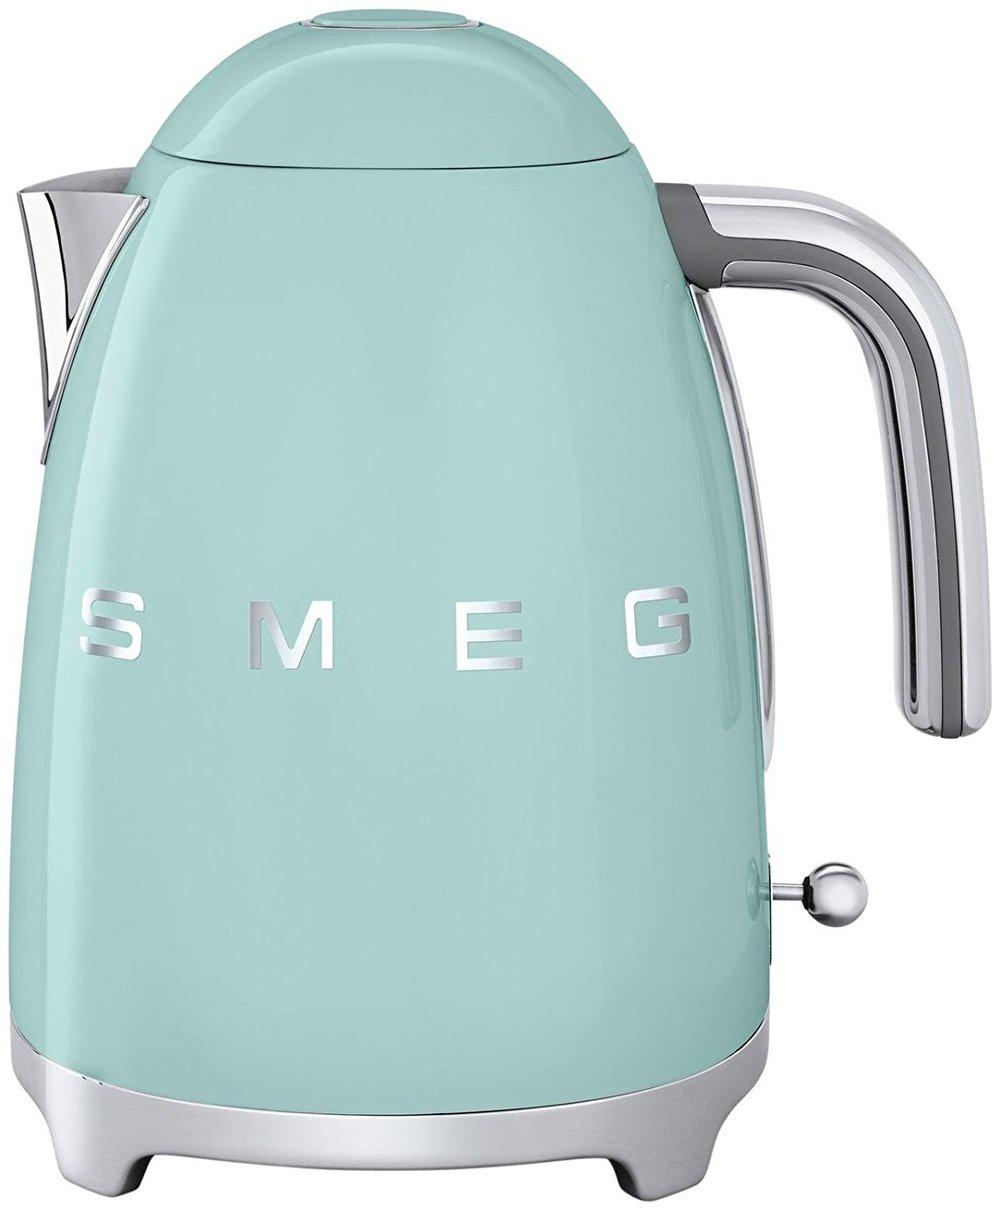 smeg-kettle.jpg